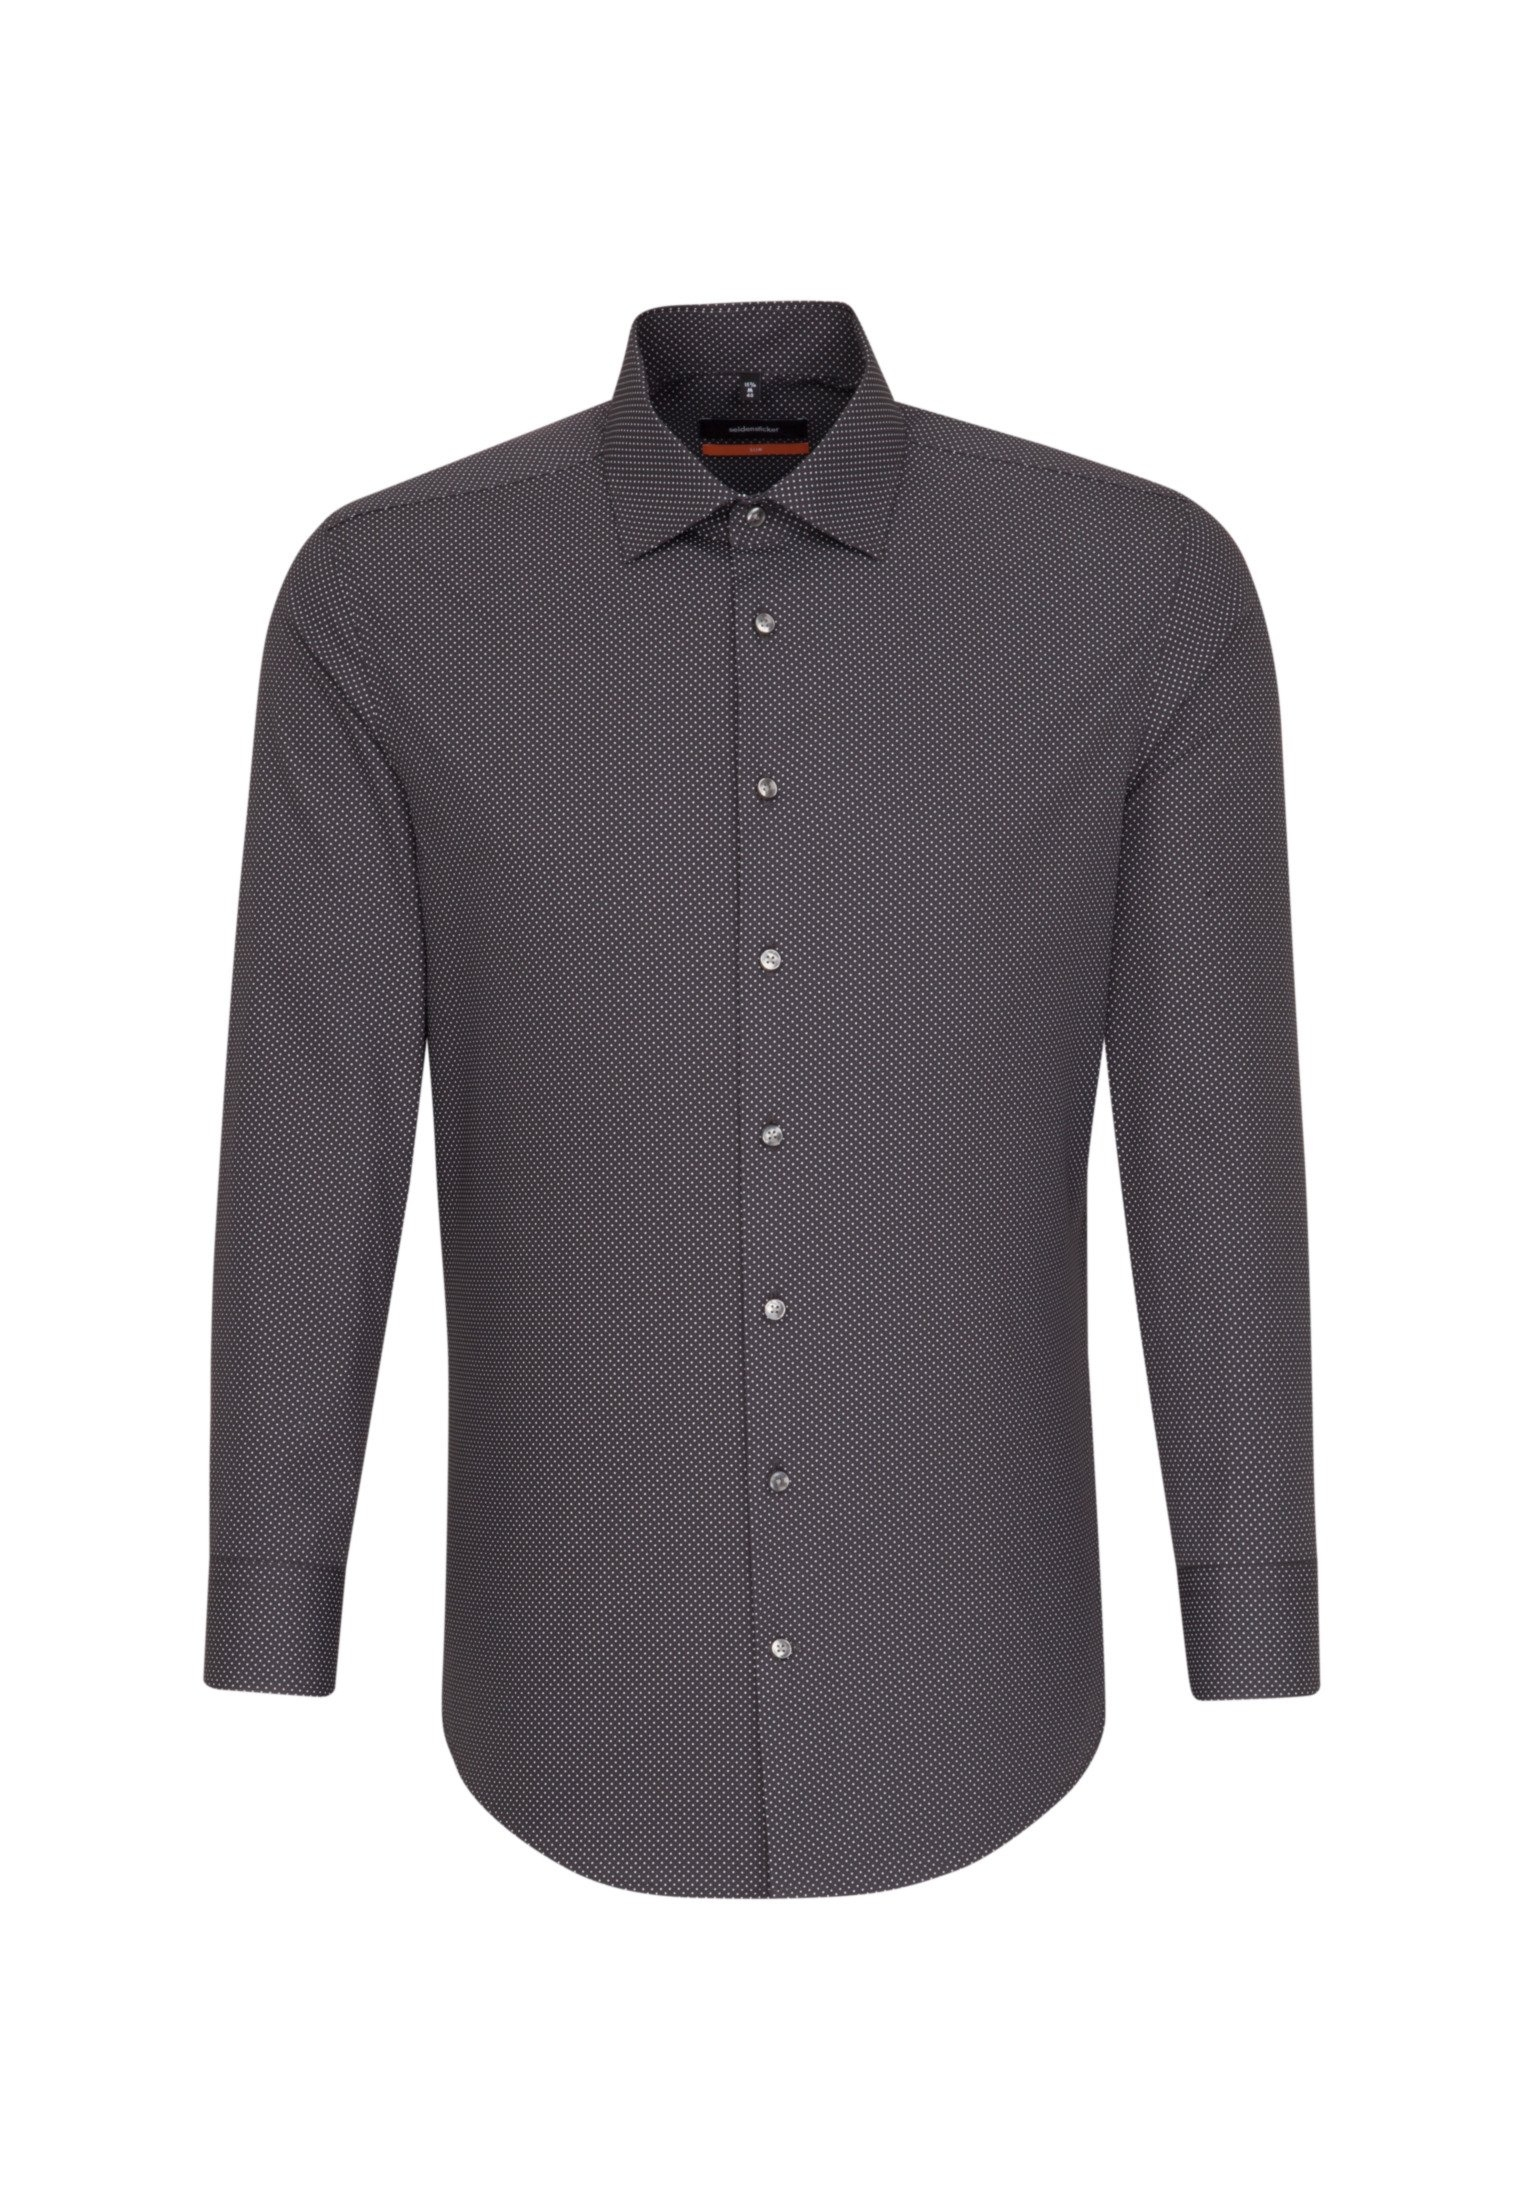 Seidensticker businessoverhemd »Slim« nu online bestellen